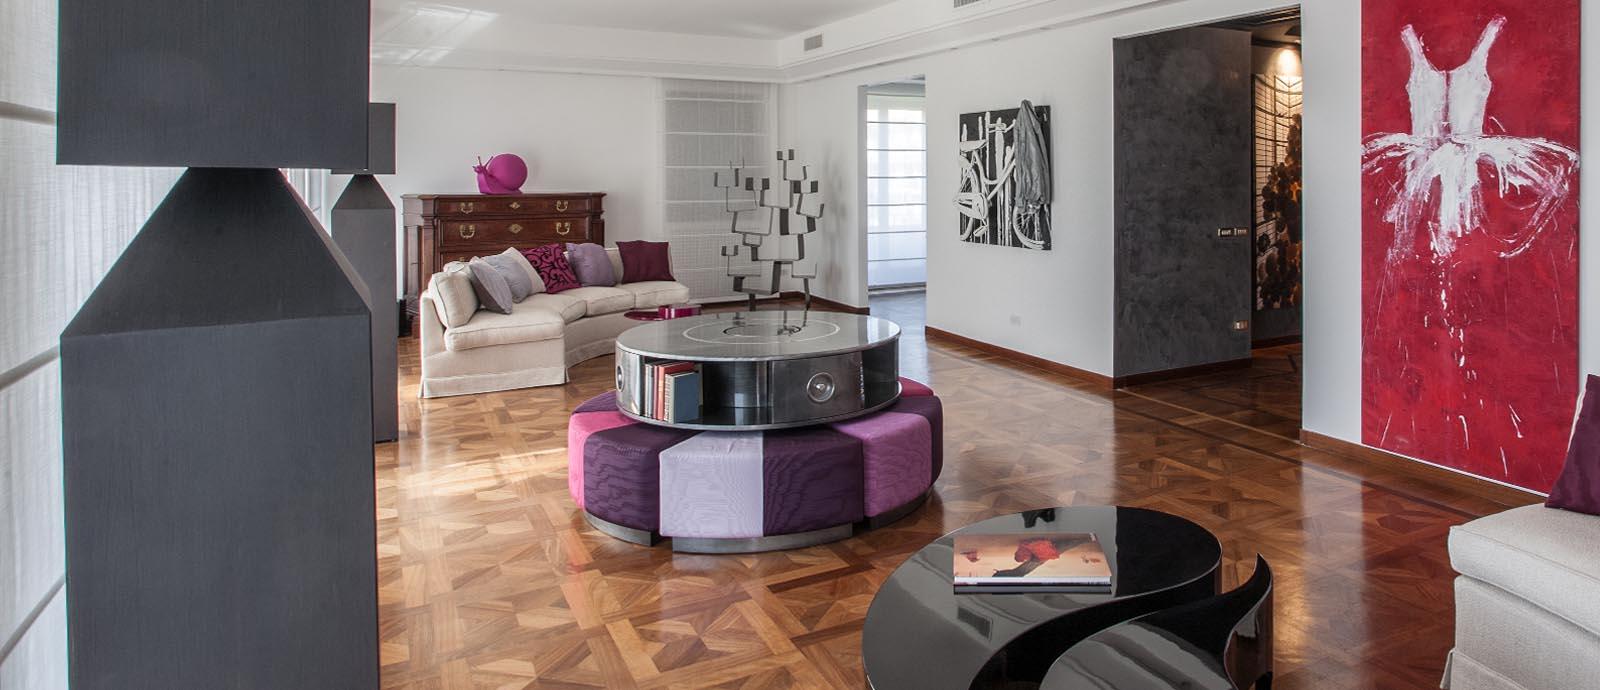 Sorprendere gli armatori, e fino ad oggi ci è riuscita. Luxury Interior Design Design Interni Immobili Di Lusso